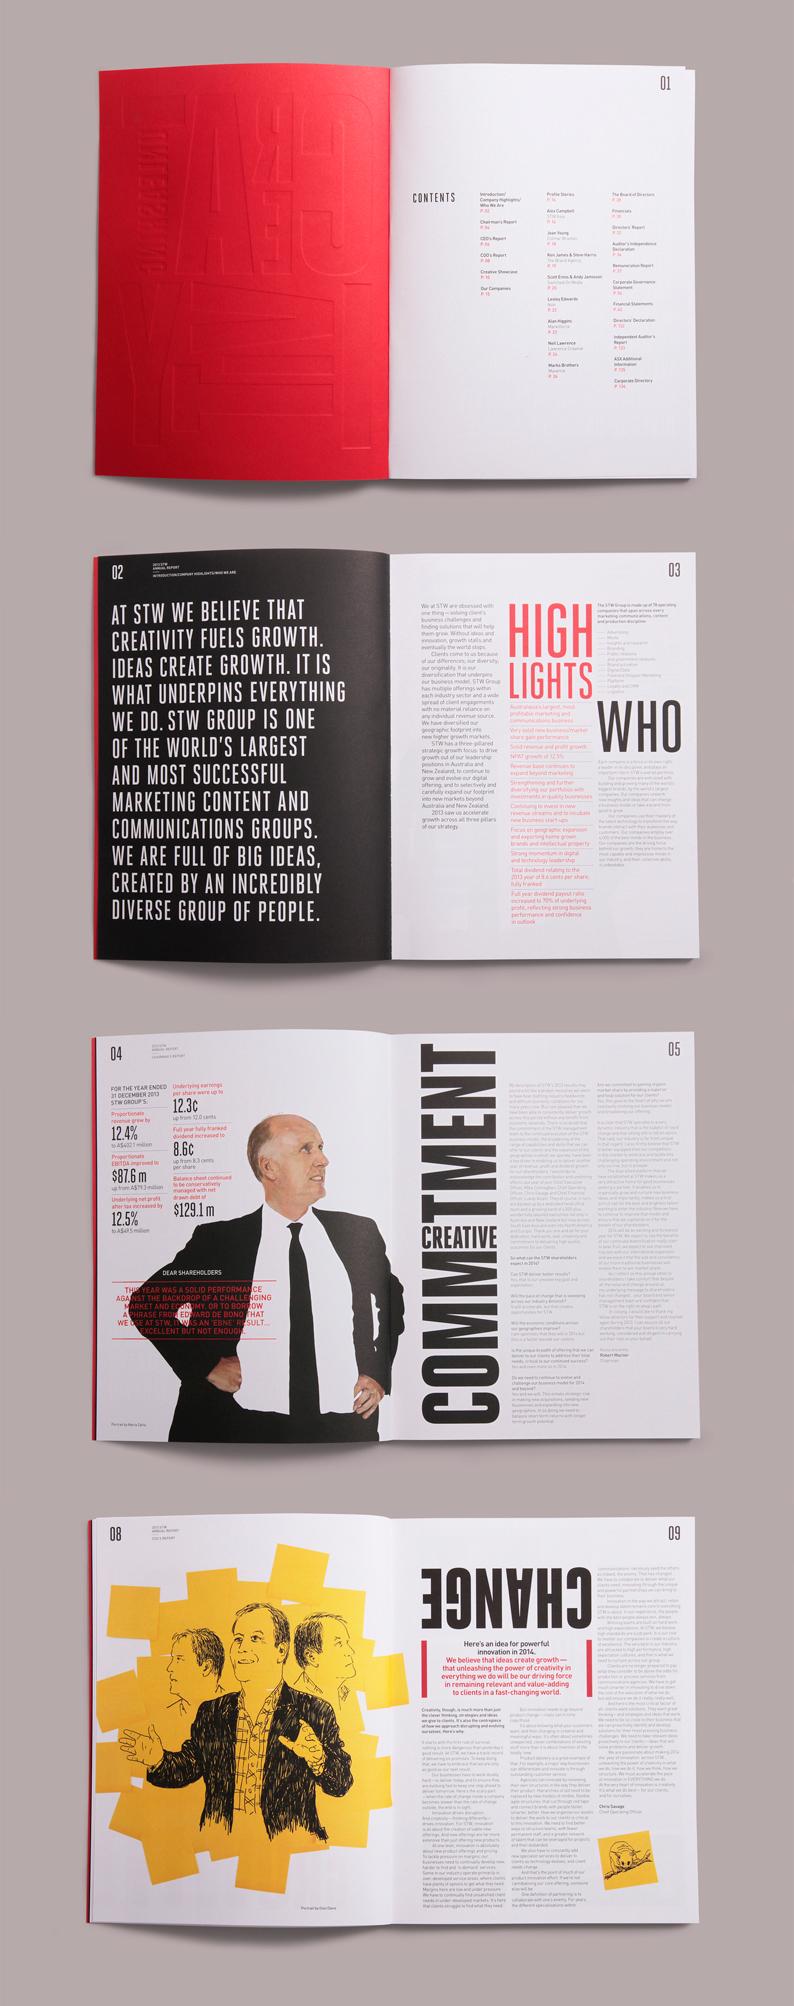 13  annual report design examples  u0026 ideas